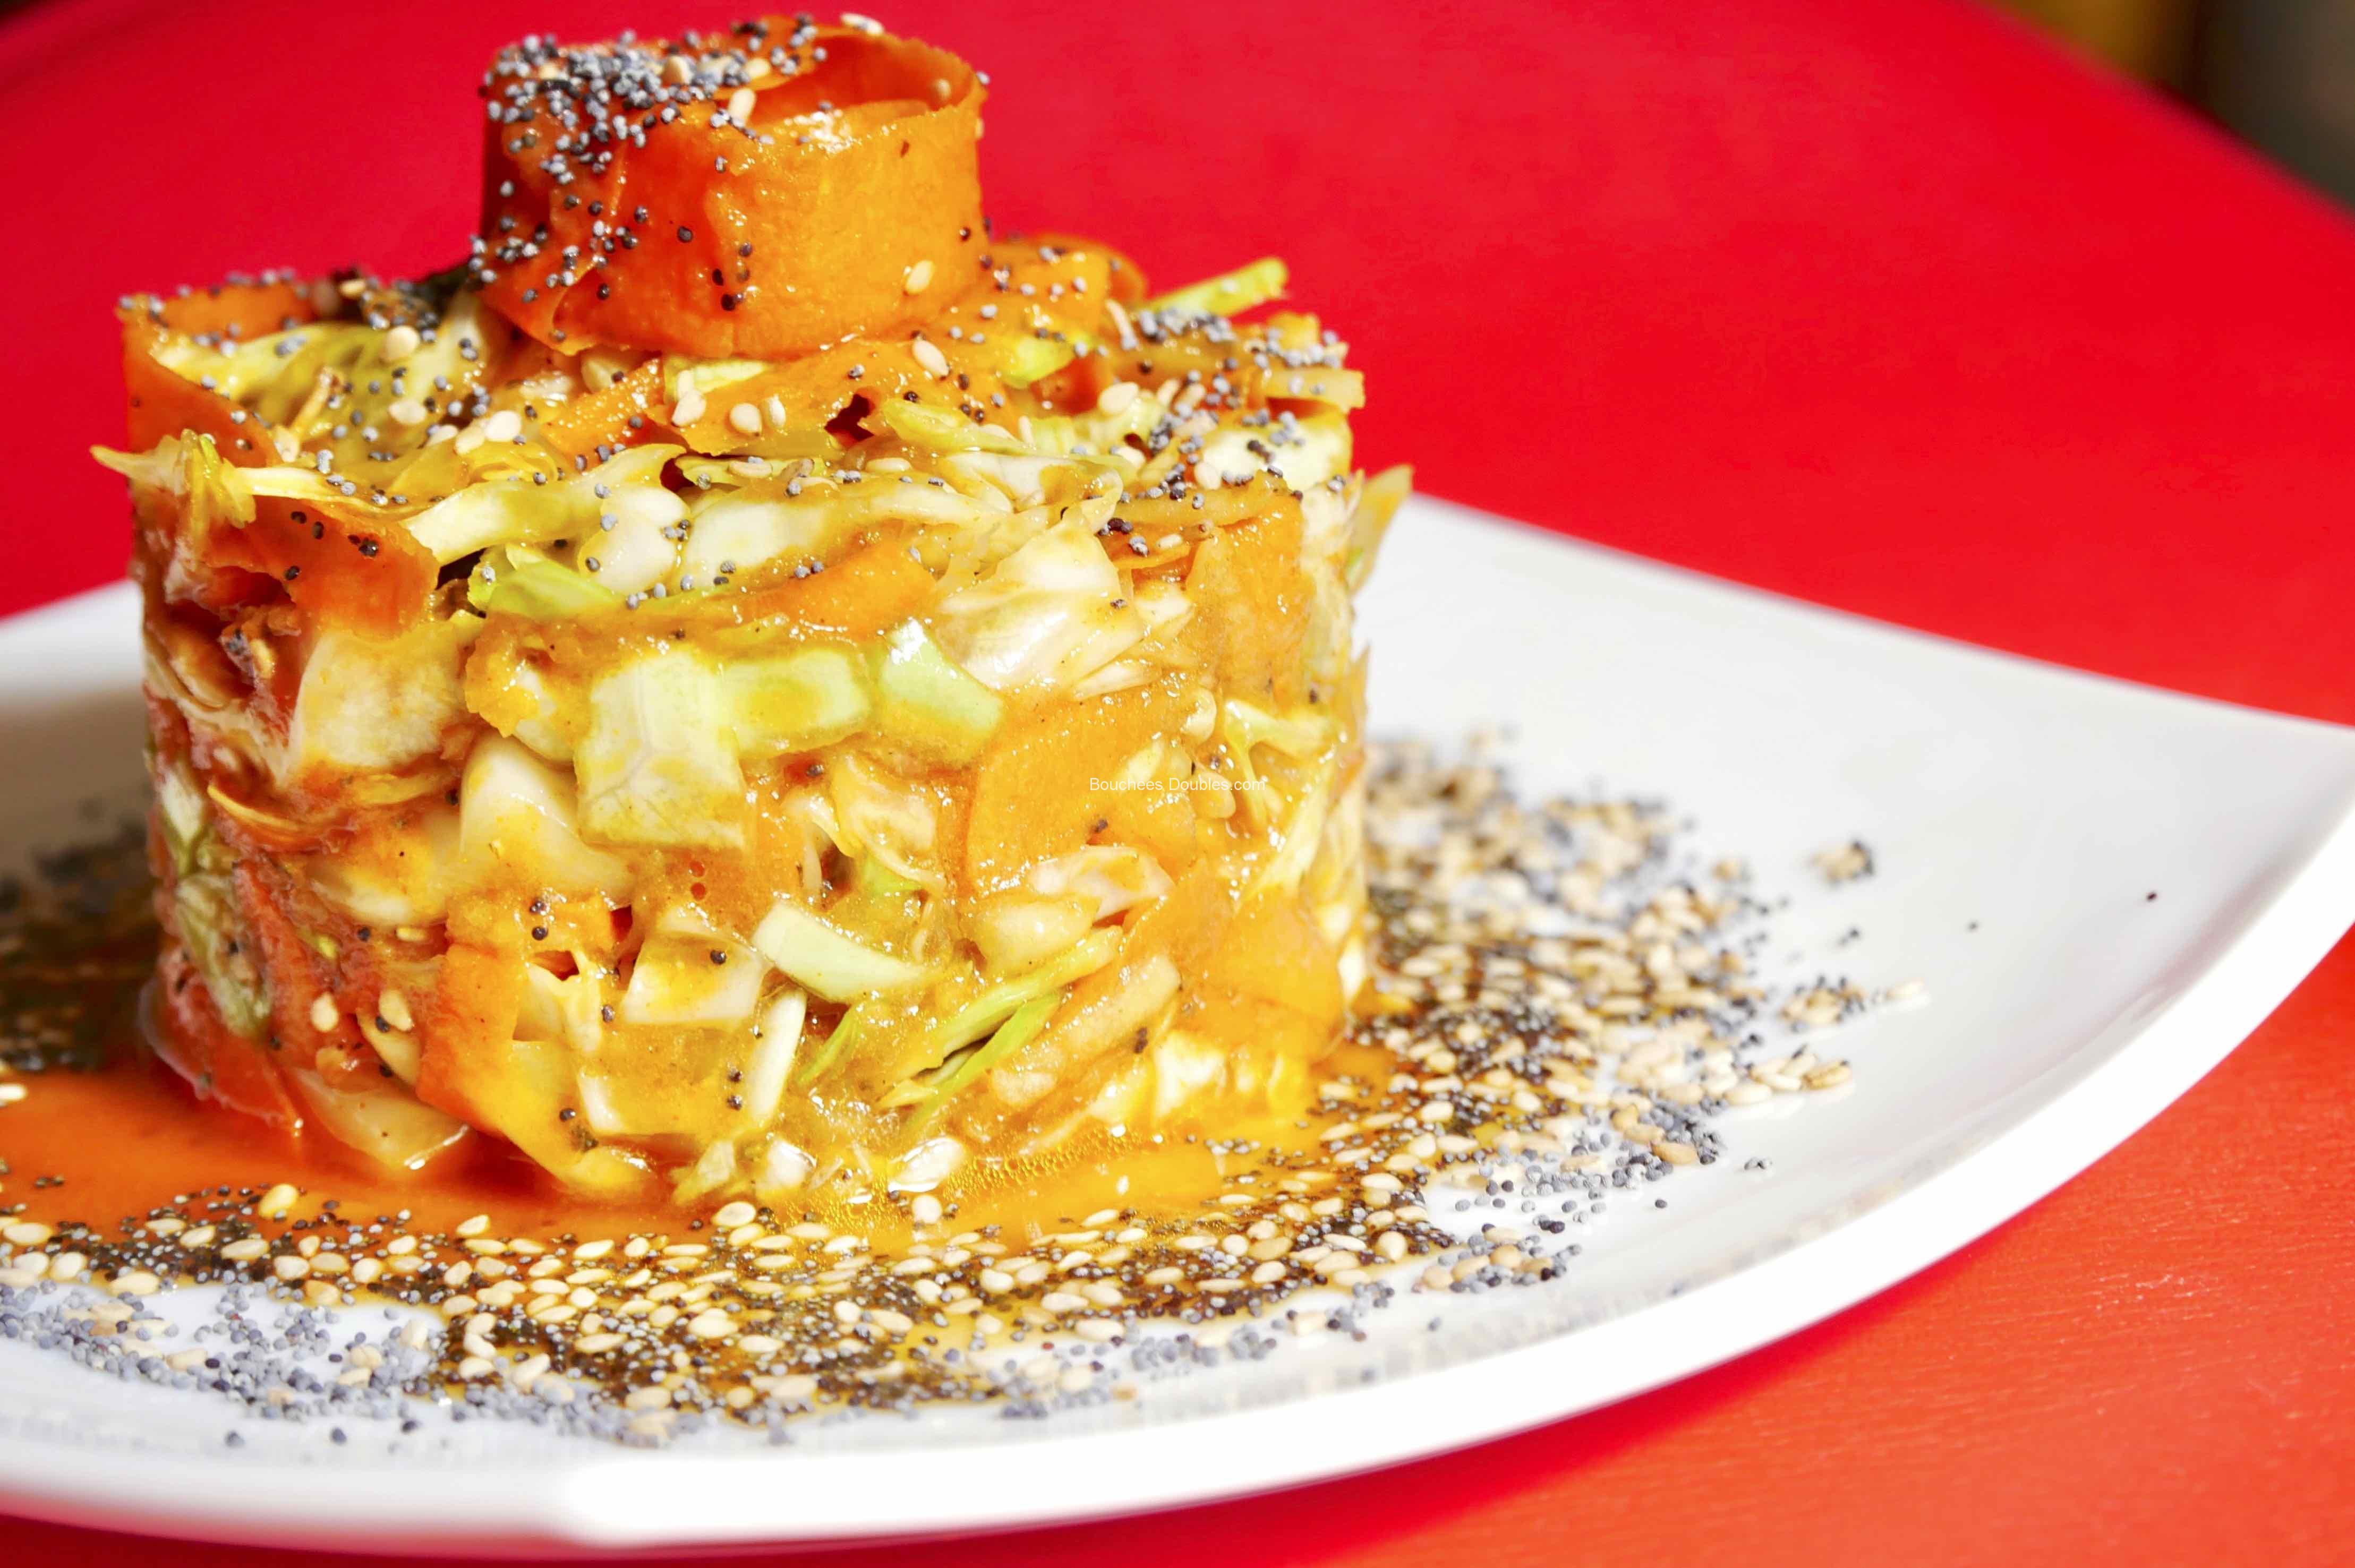 Recette alcaline - Gâteau de 3 légumes